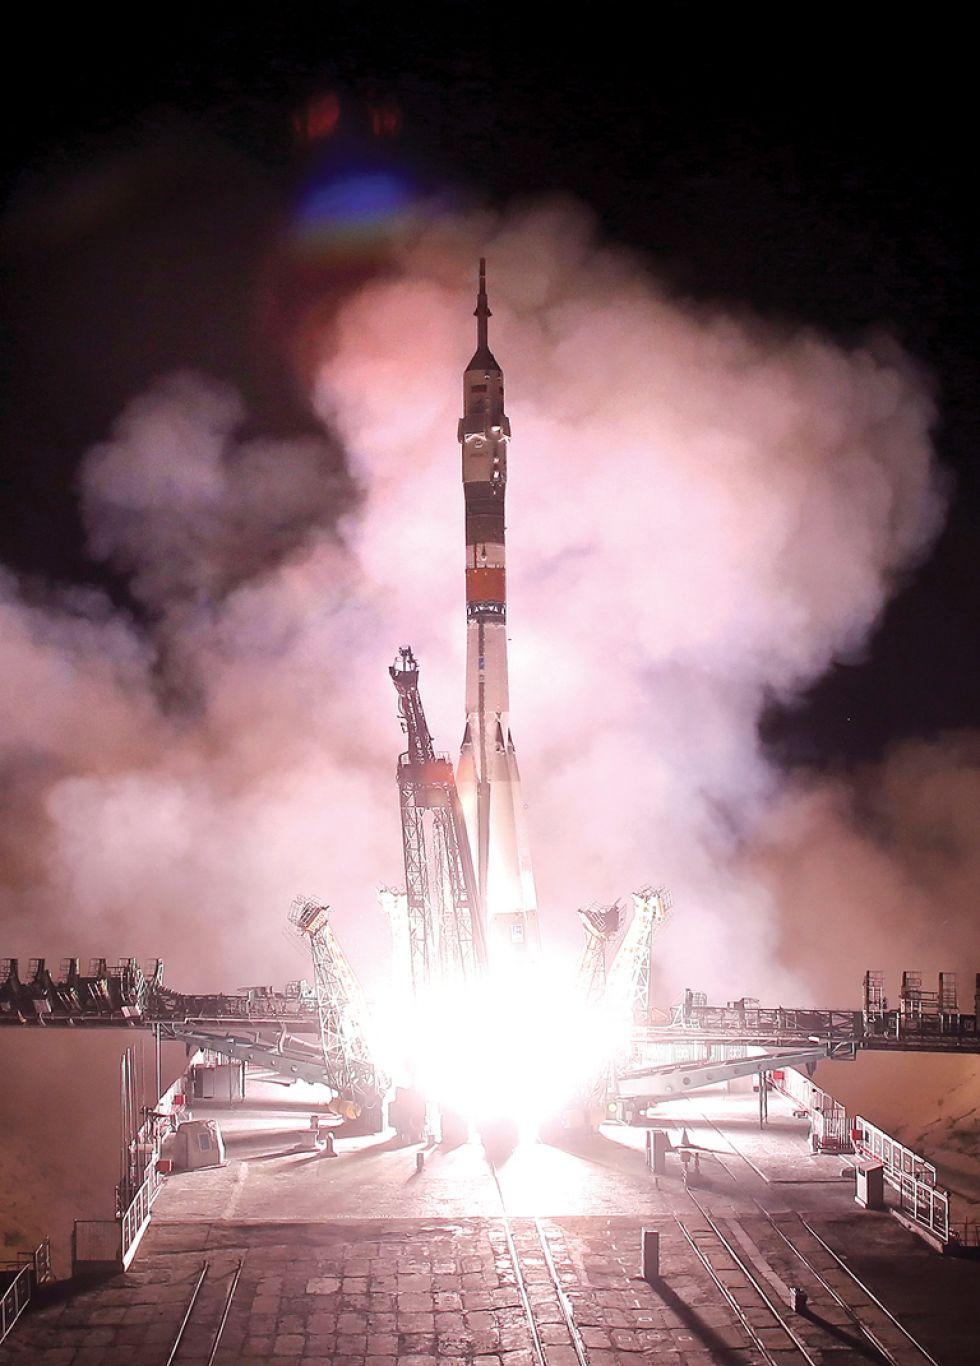 HISTÓRICAS. El despegue de la nave Soyuz, ayer